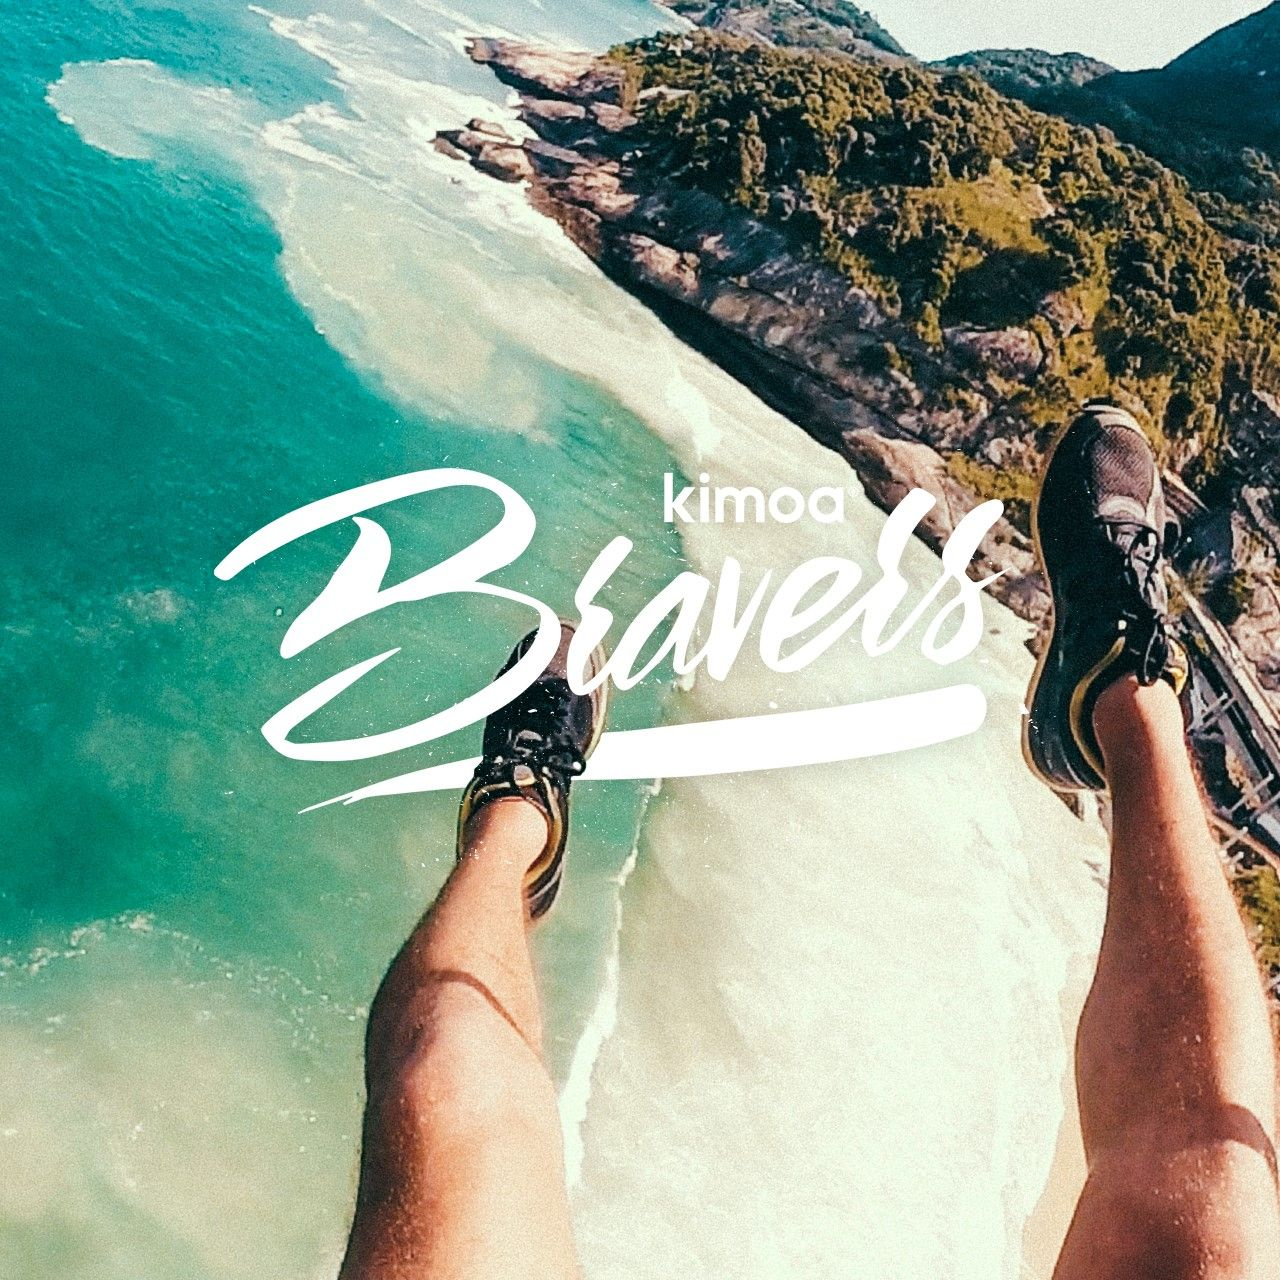 Kimoa lanza la plataforma BRAVERS